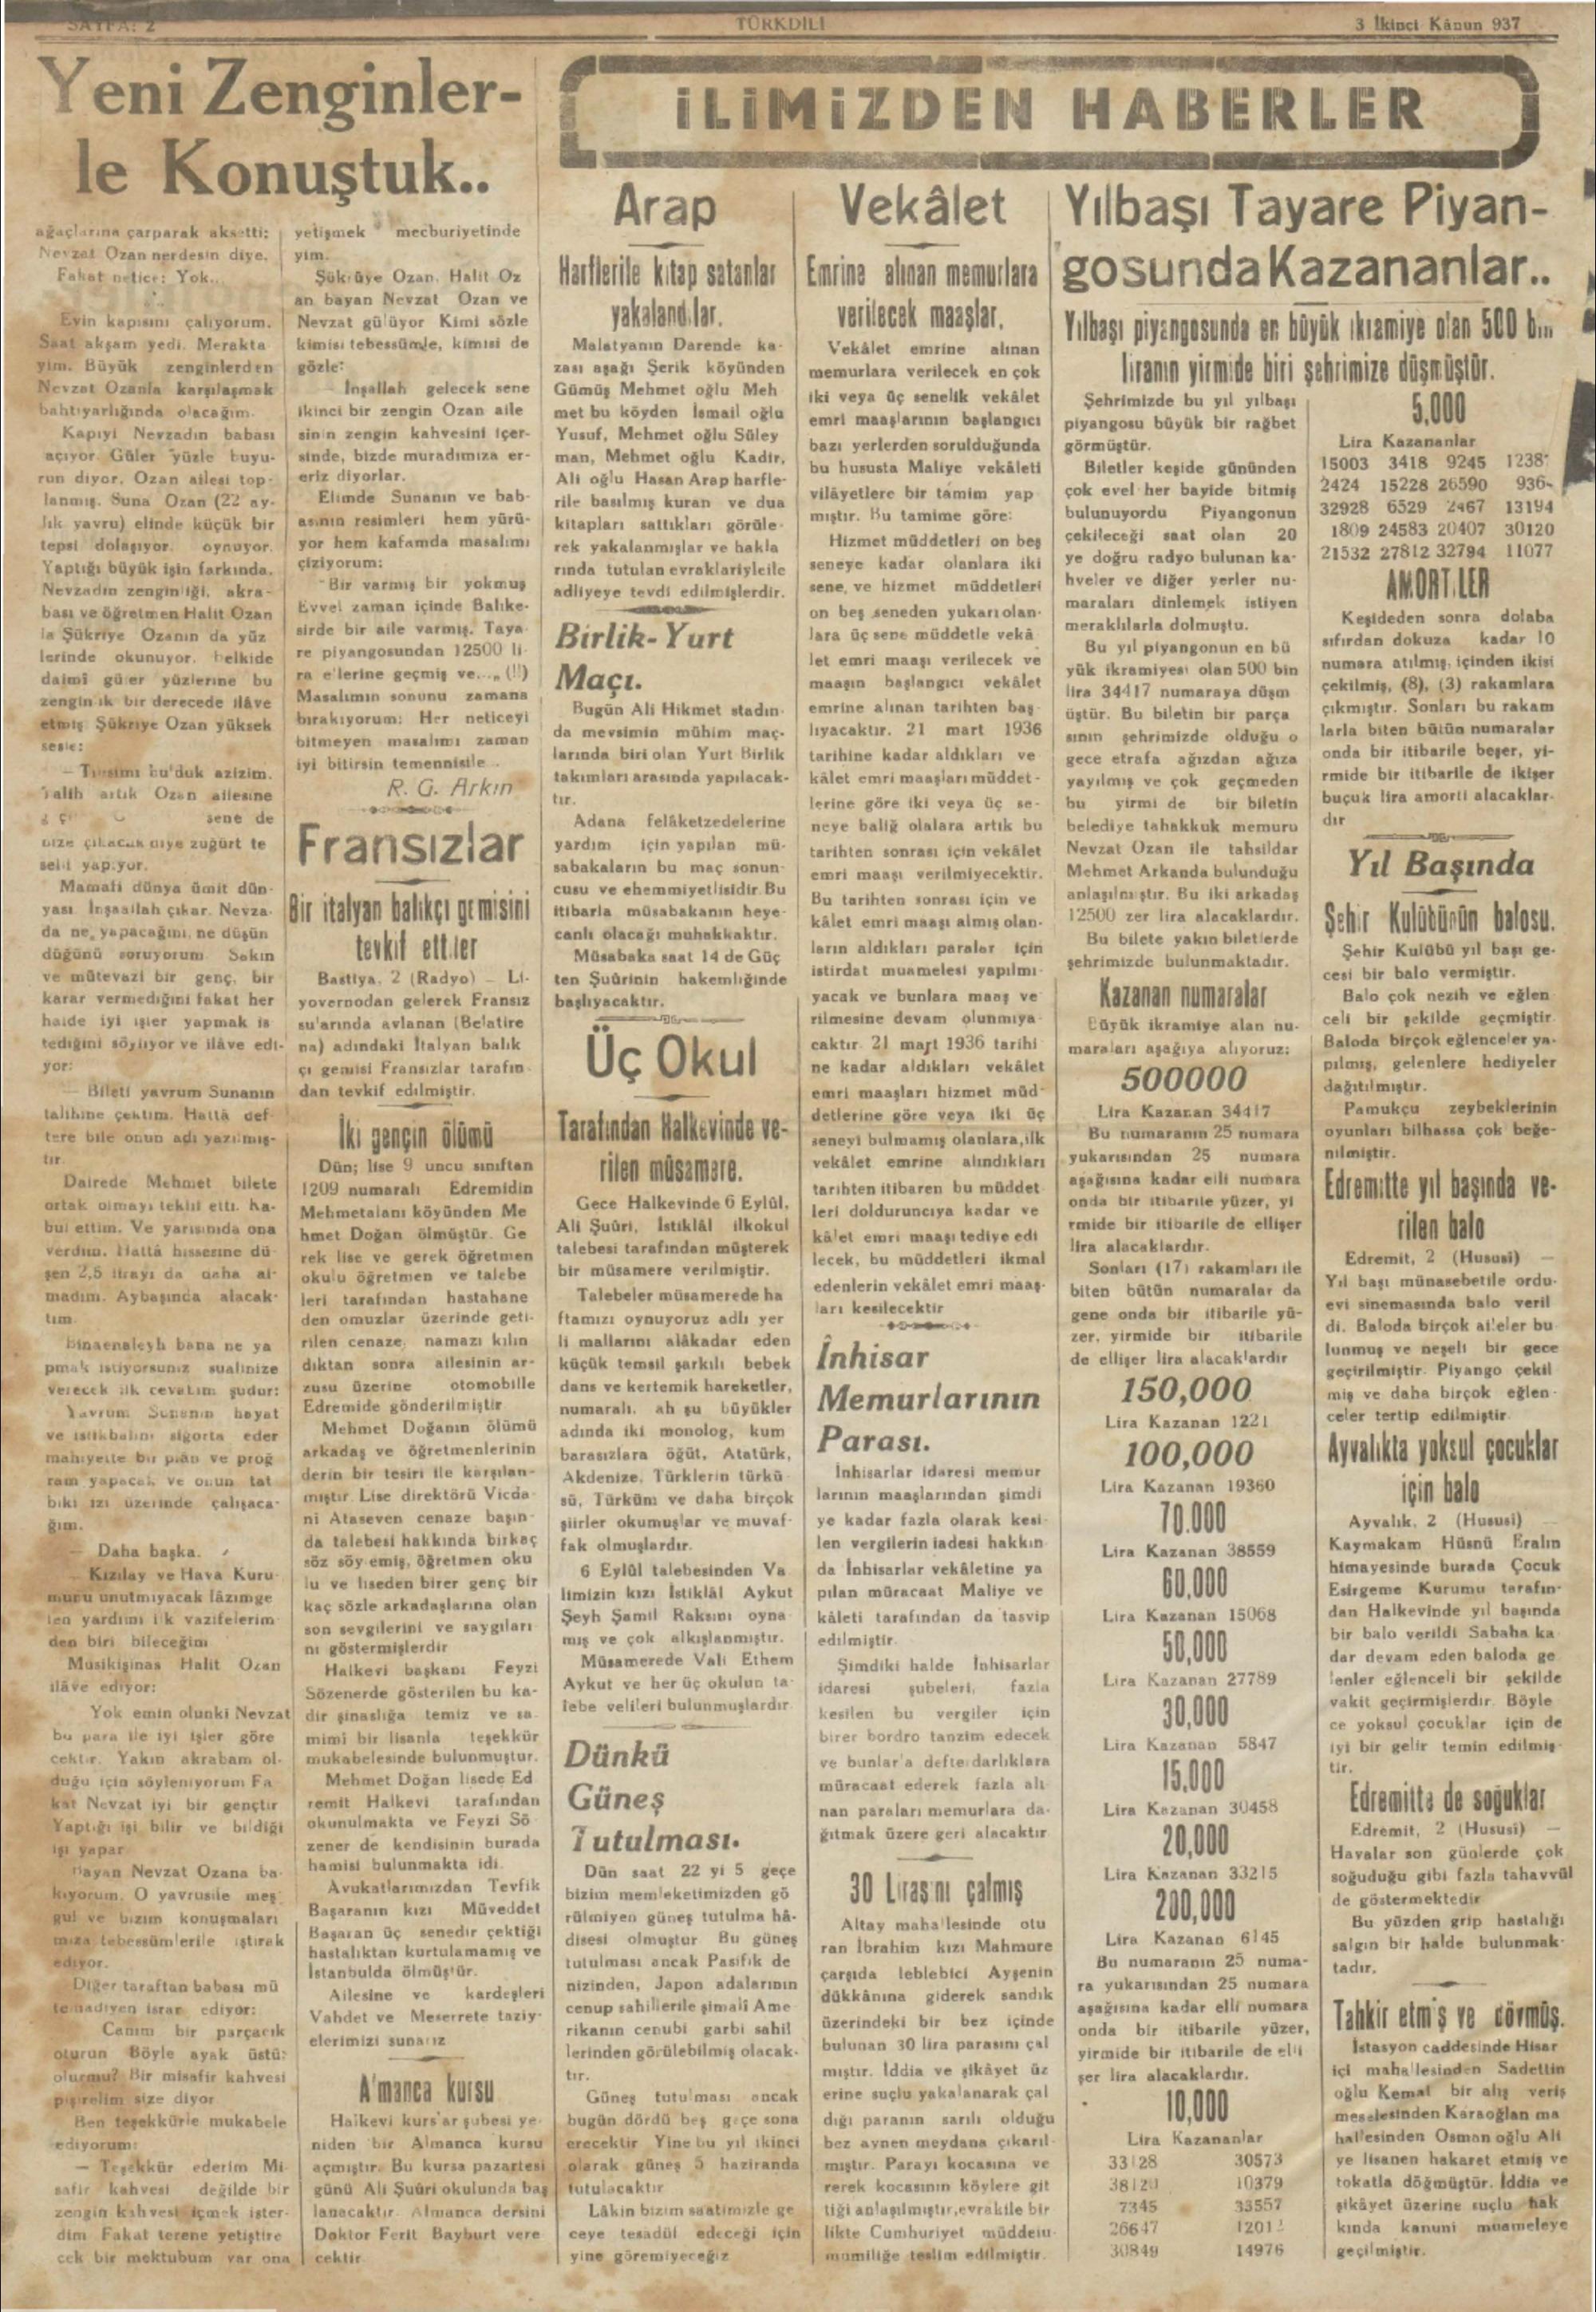 3 Ocak 1937 Tarihli Türk Dili Dergisi Sayfa 2